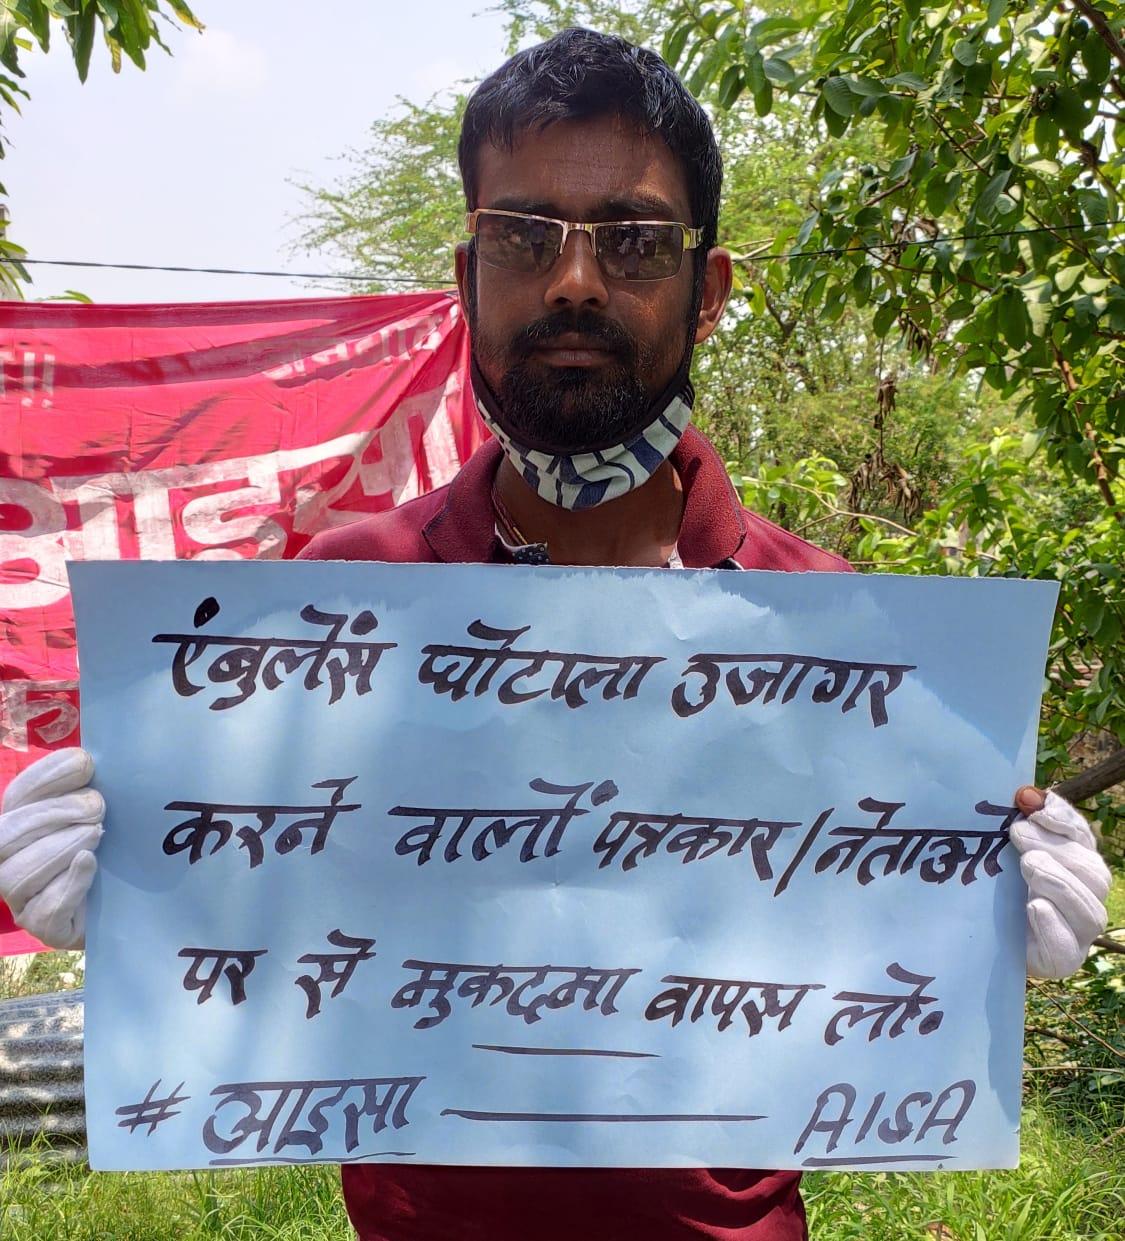 बिहार के एंबुलेंस का राज्य स्तर पर ऑडिट कराओ - सुनील